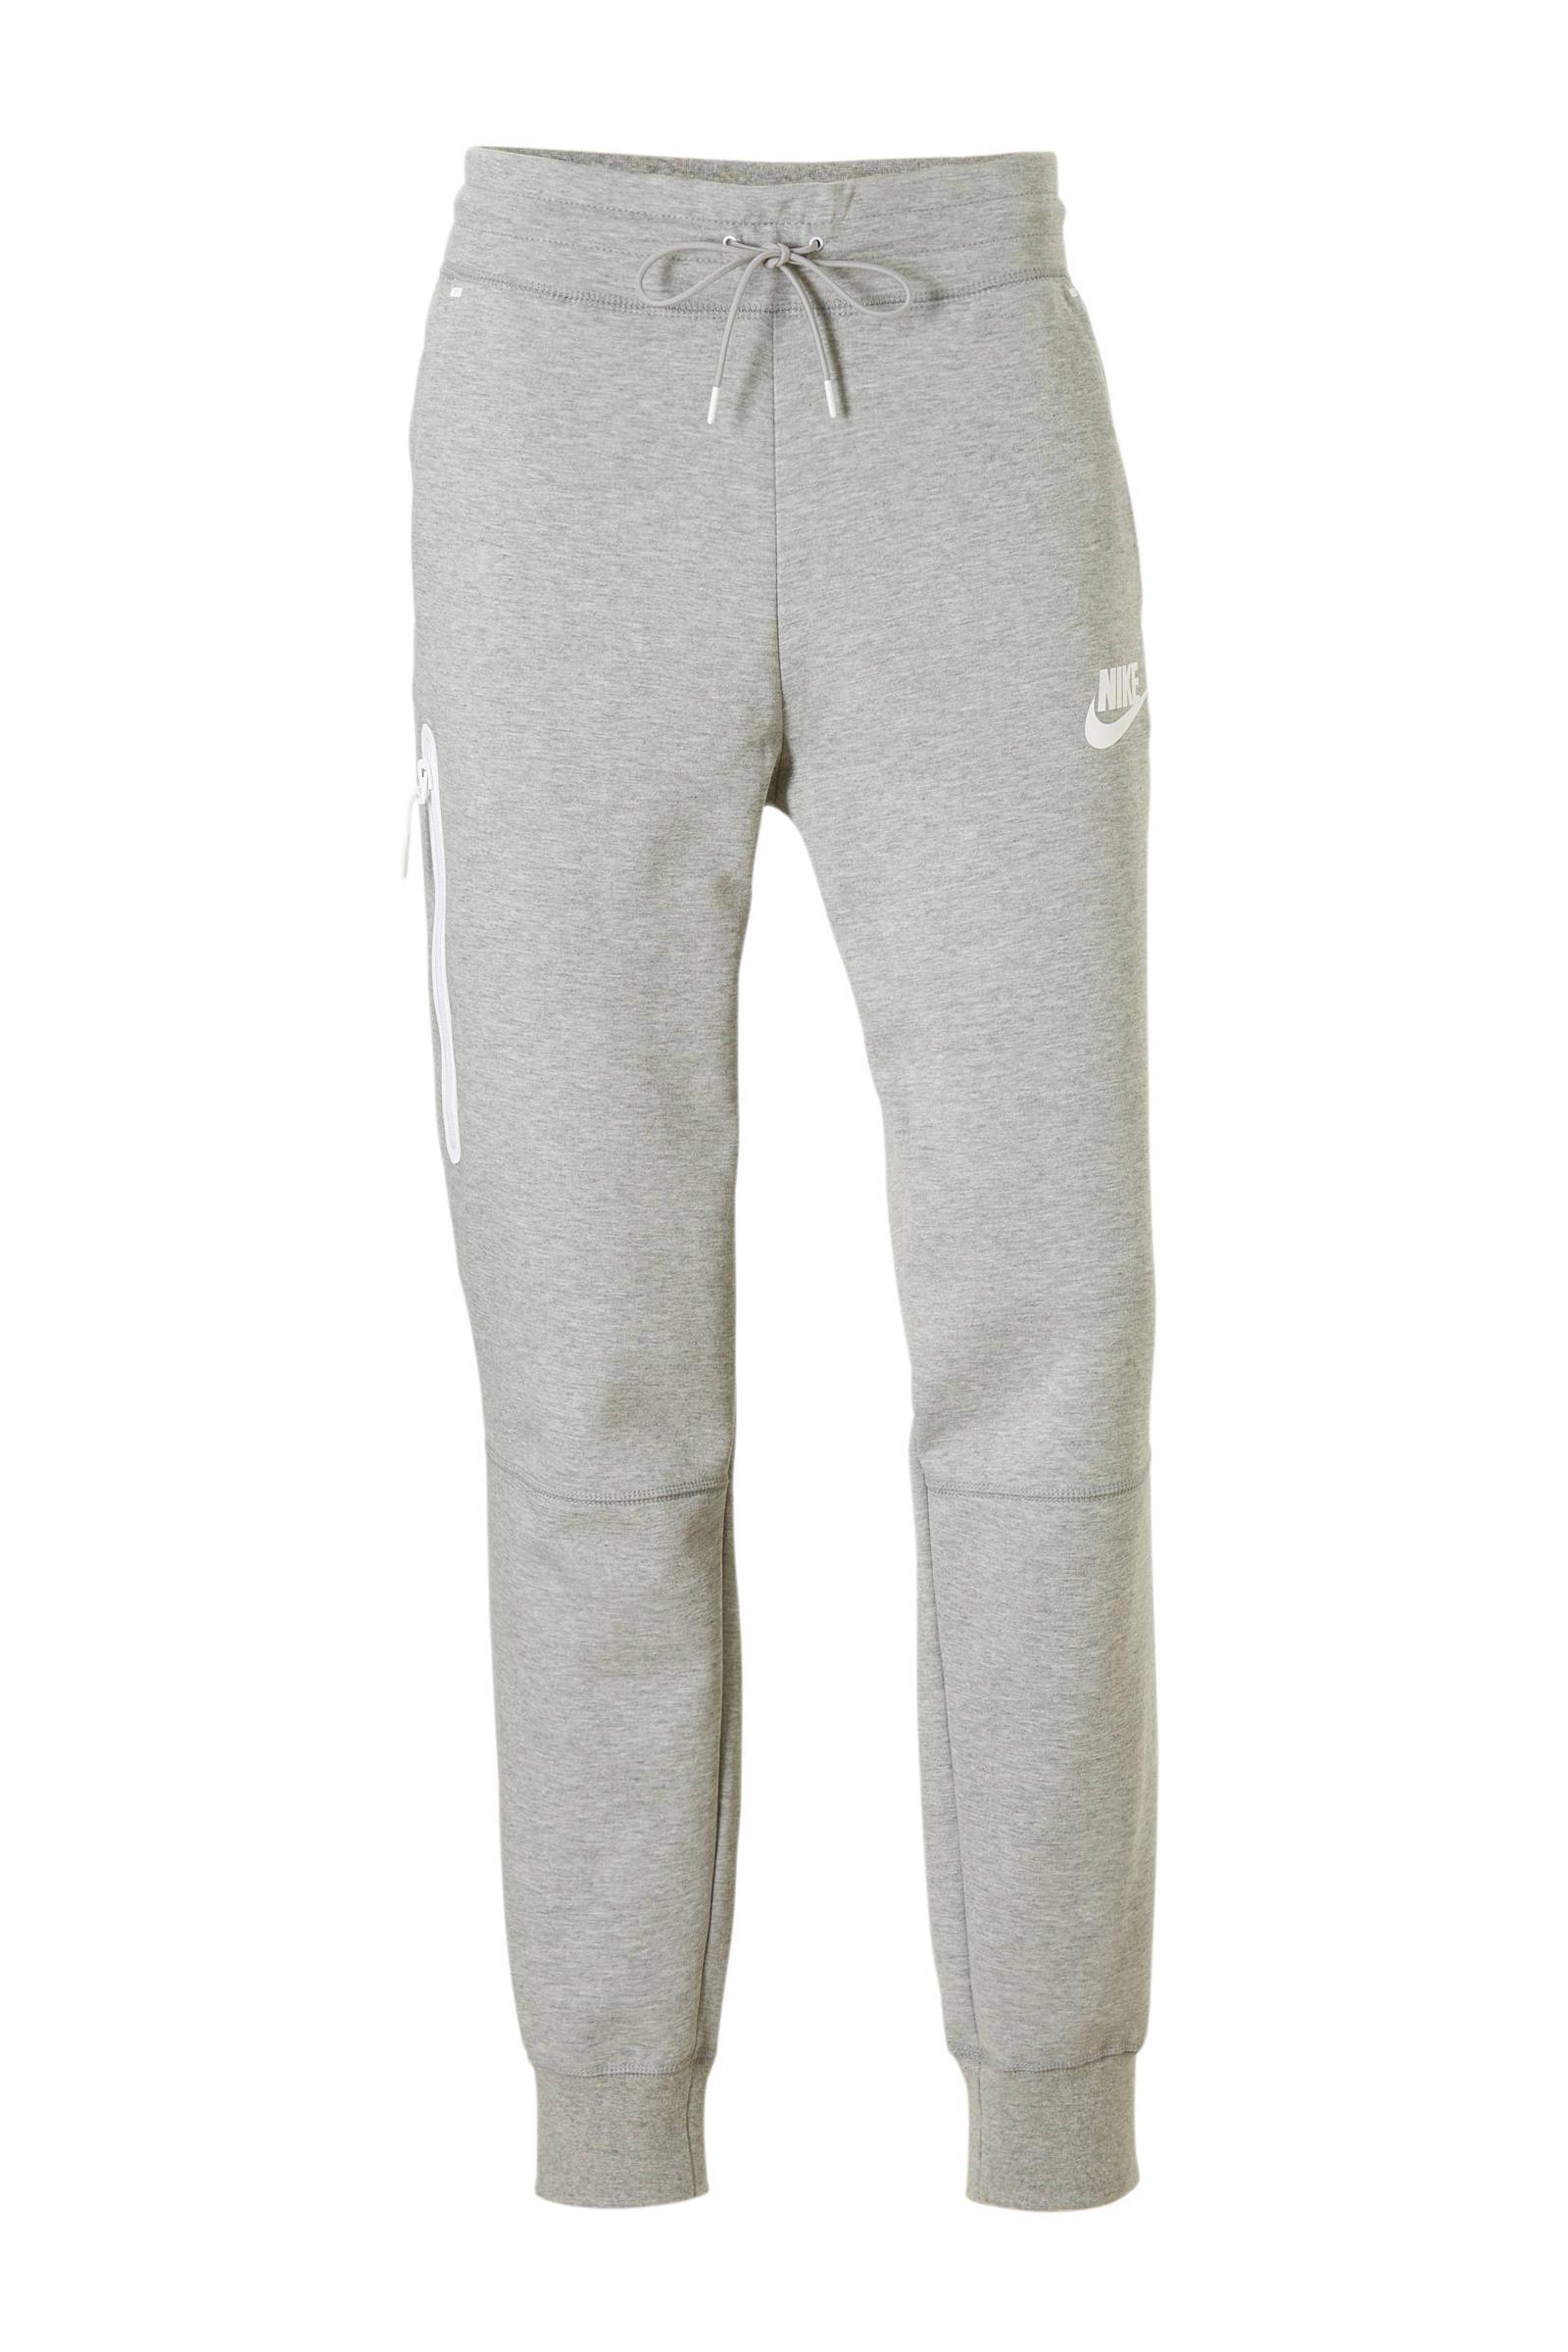 Merk Joggingbroek Dames.Nike Joggingbroek Lichtgrijs Wehkamp